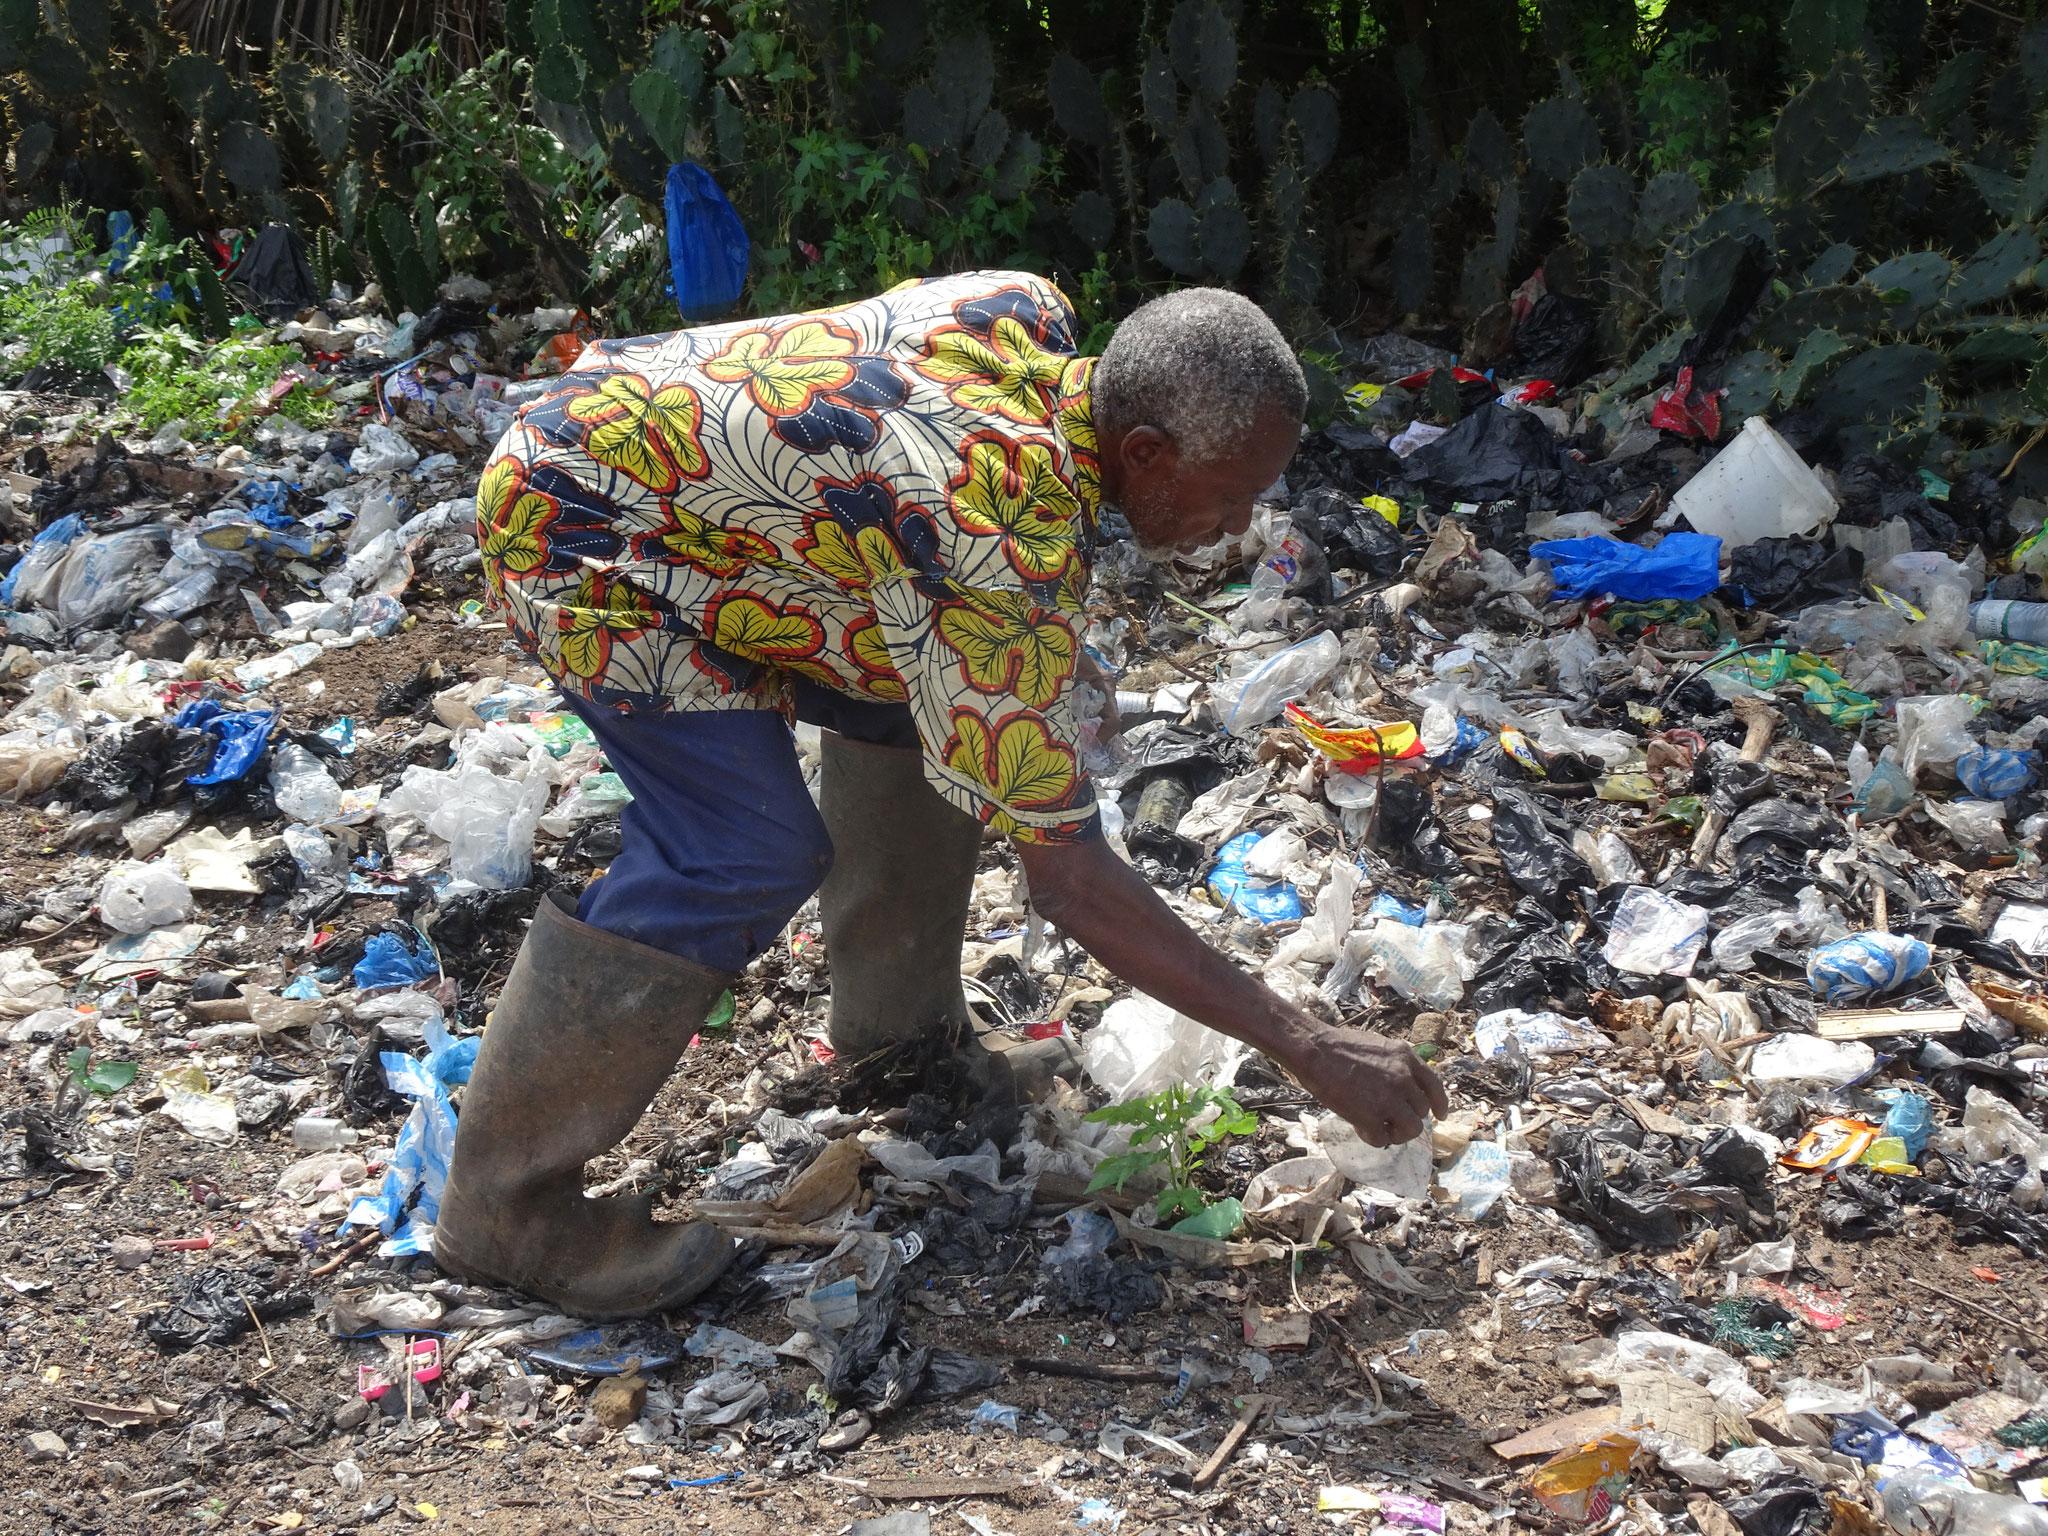 Er sucht Plastiksäckchen zum Rezikeln